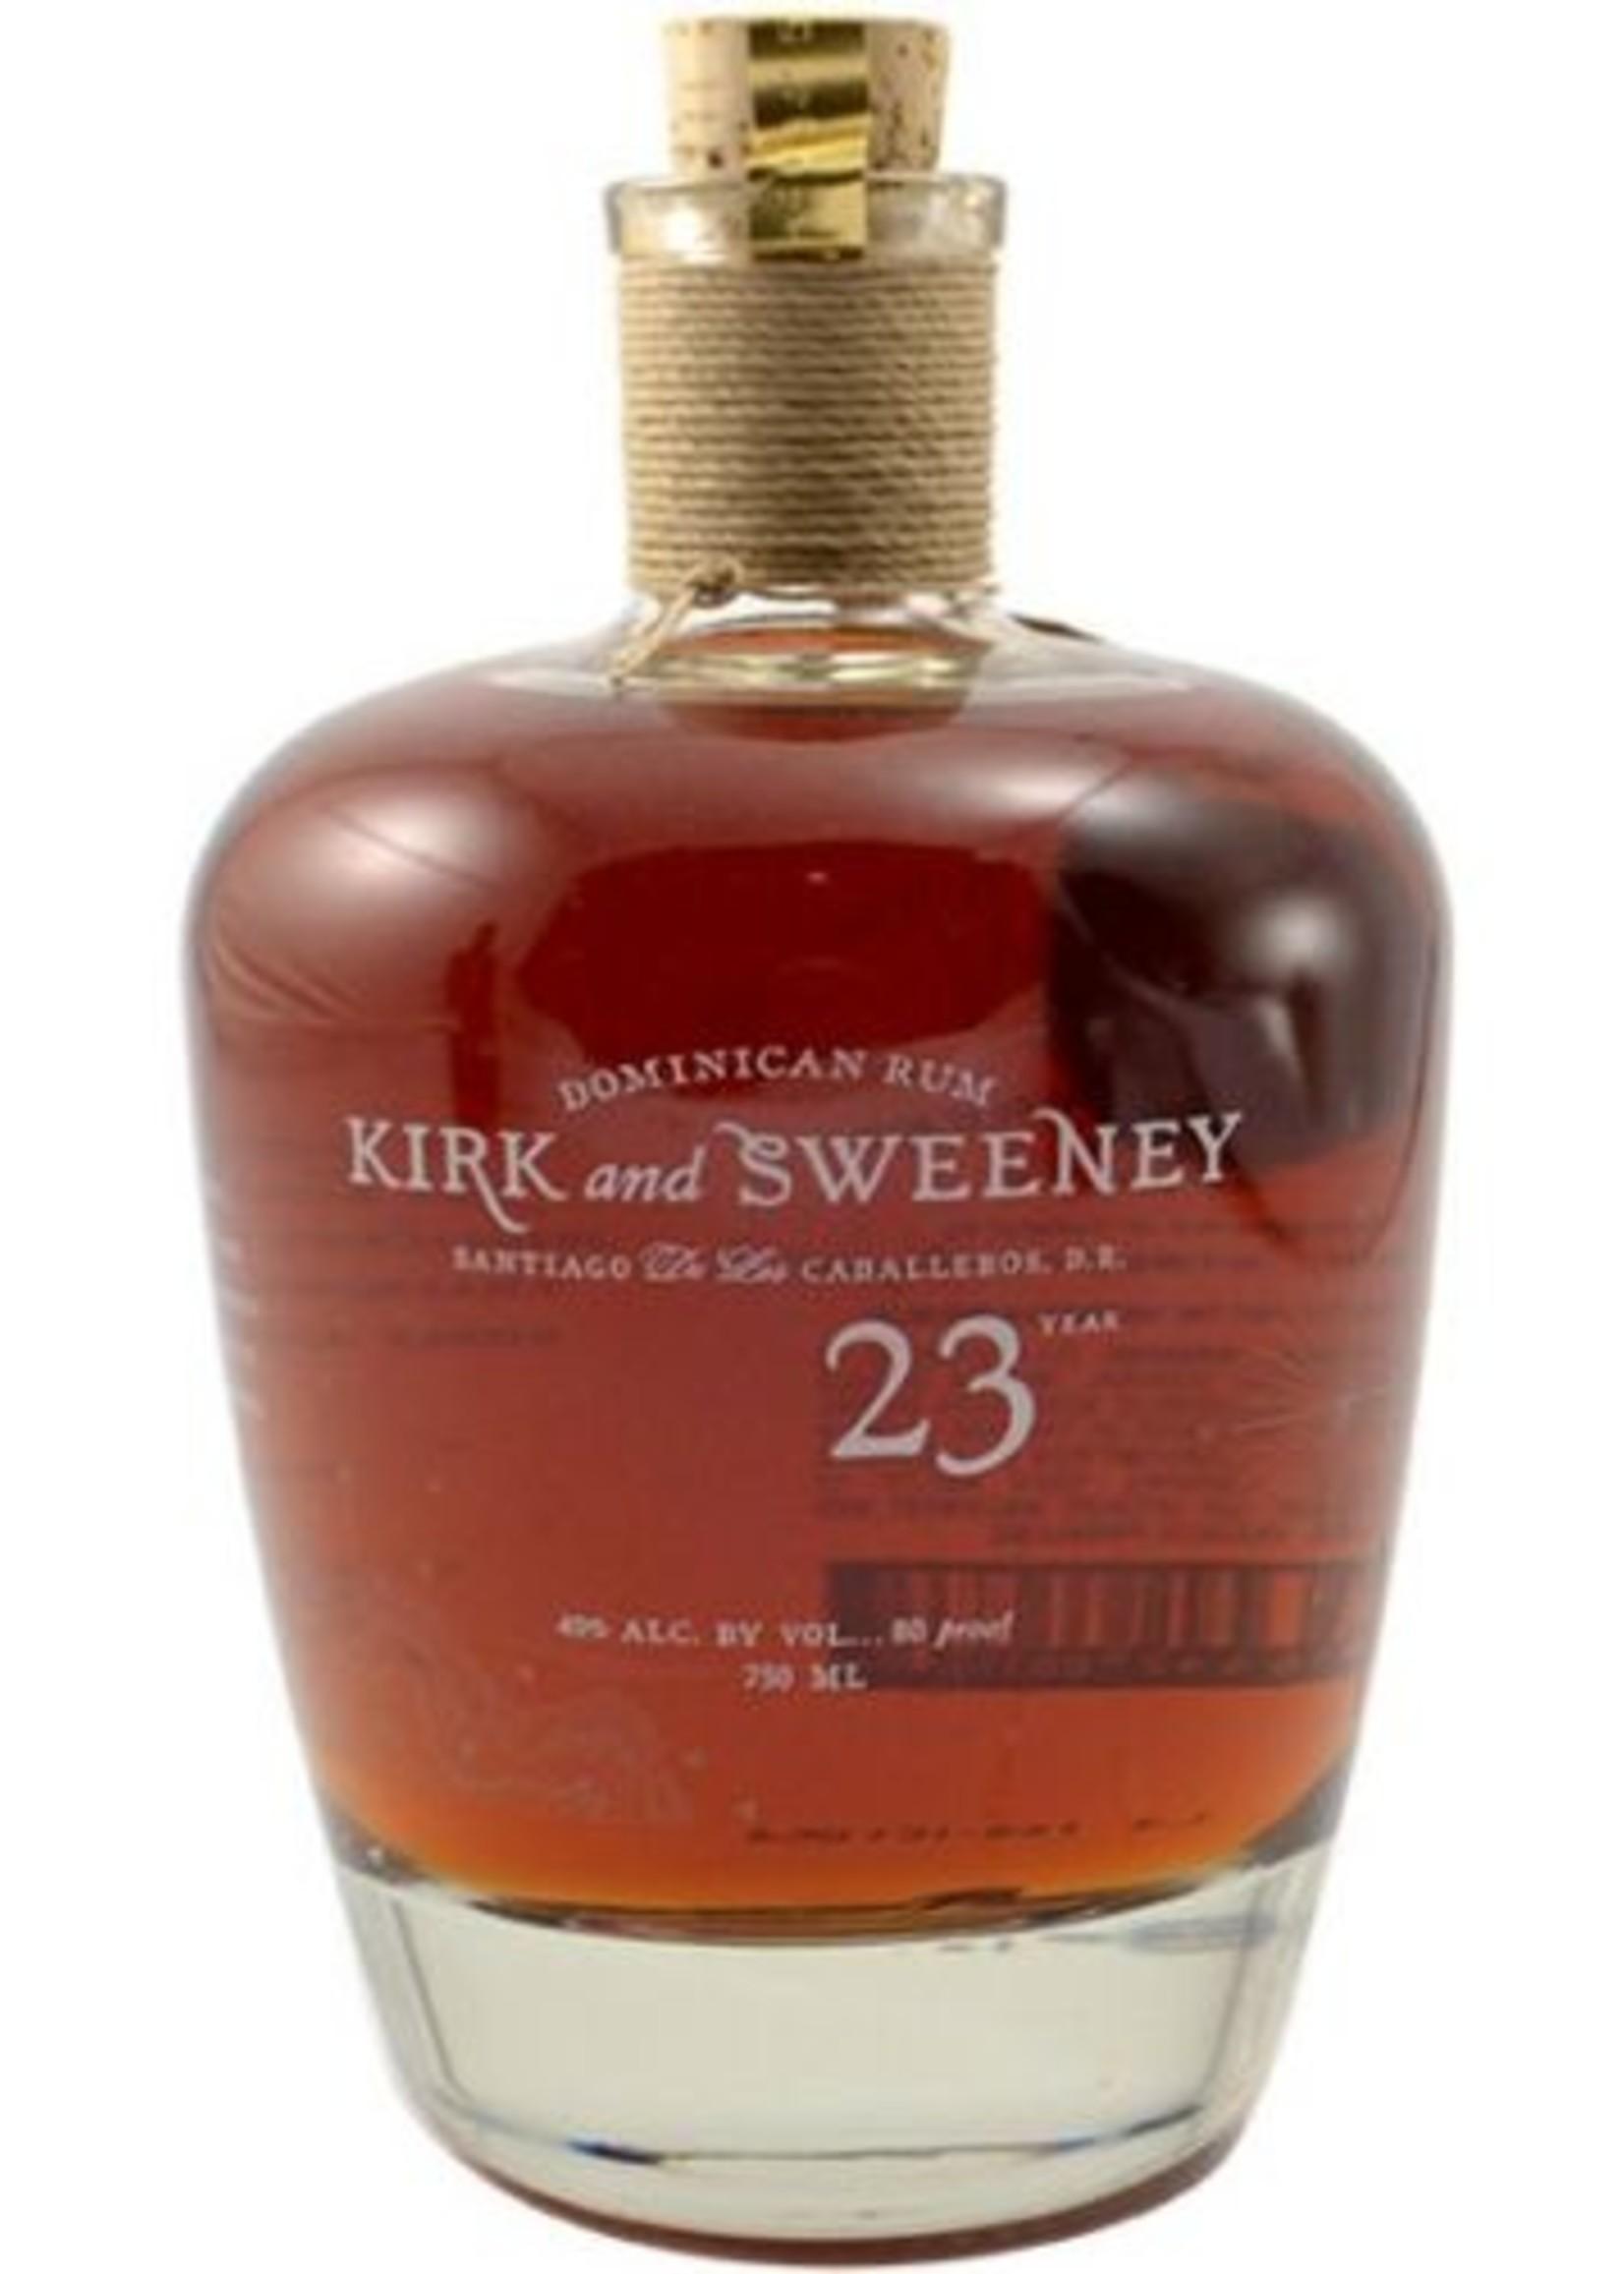 Kirk & Sweeney 23 Yr Rum